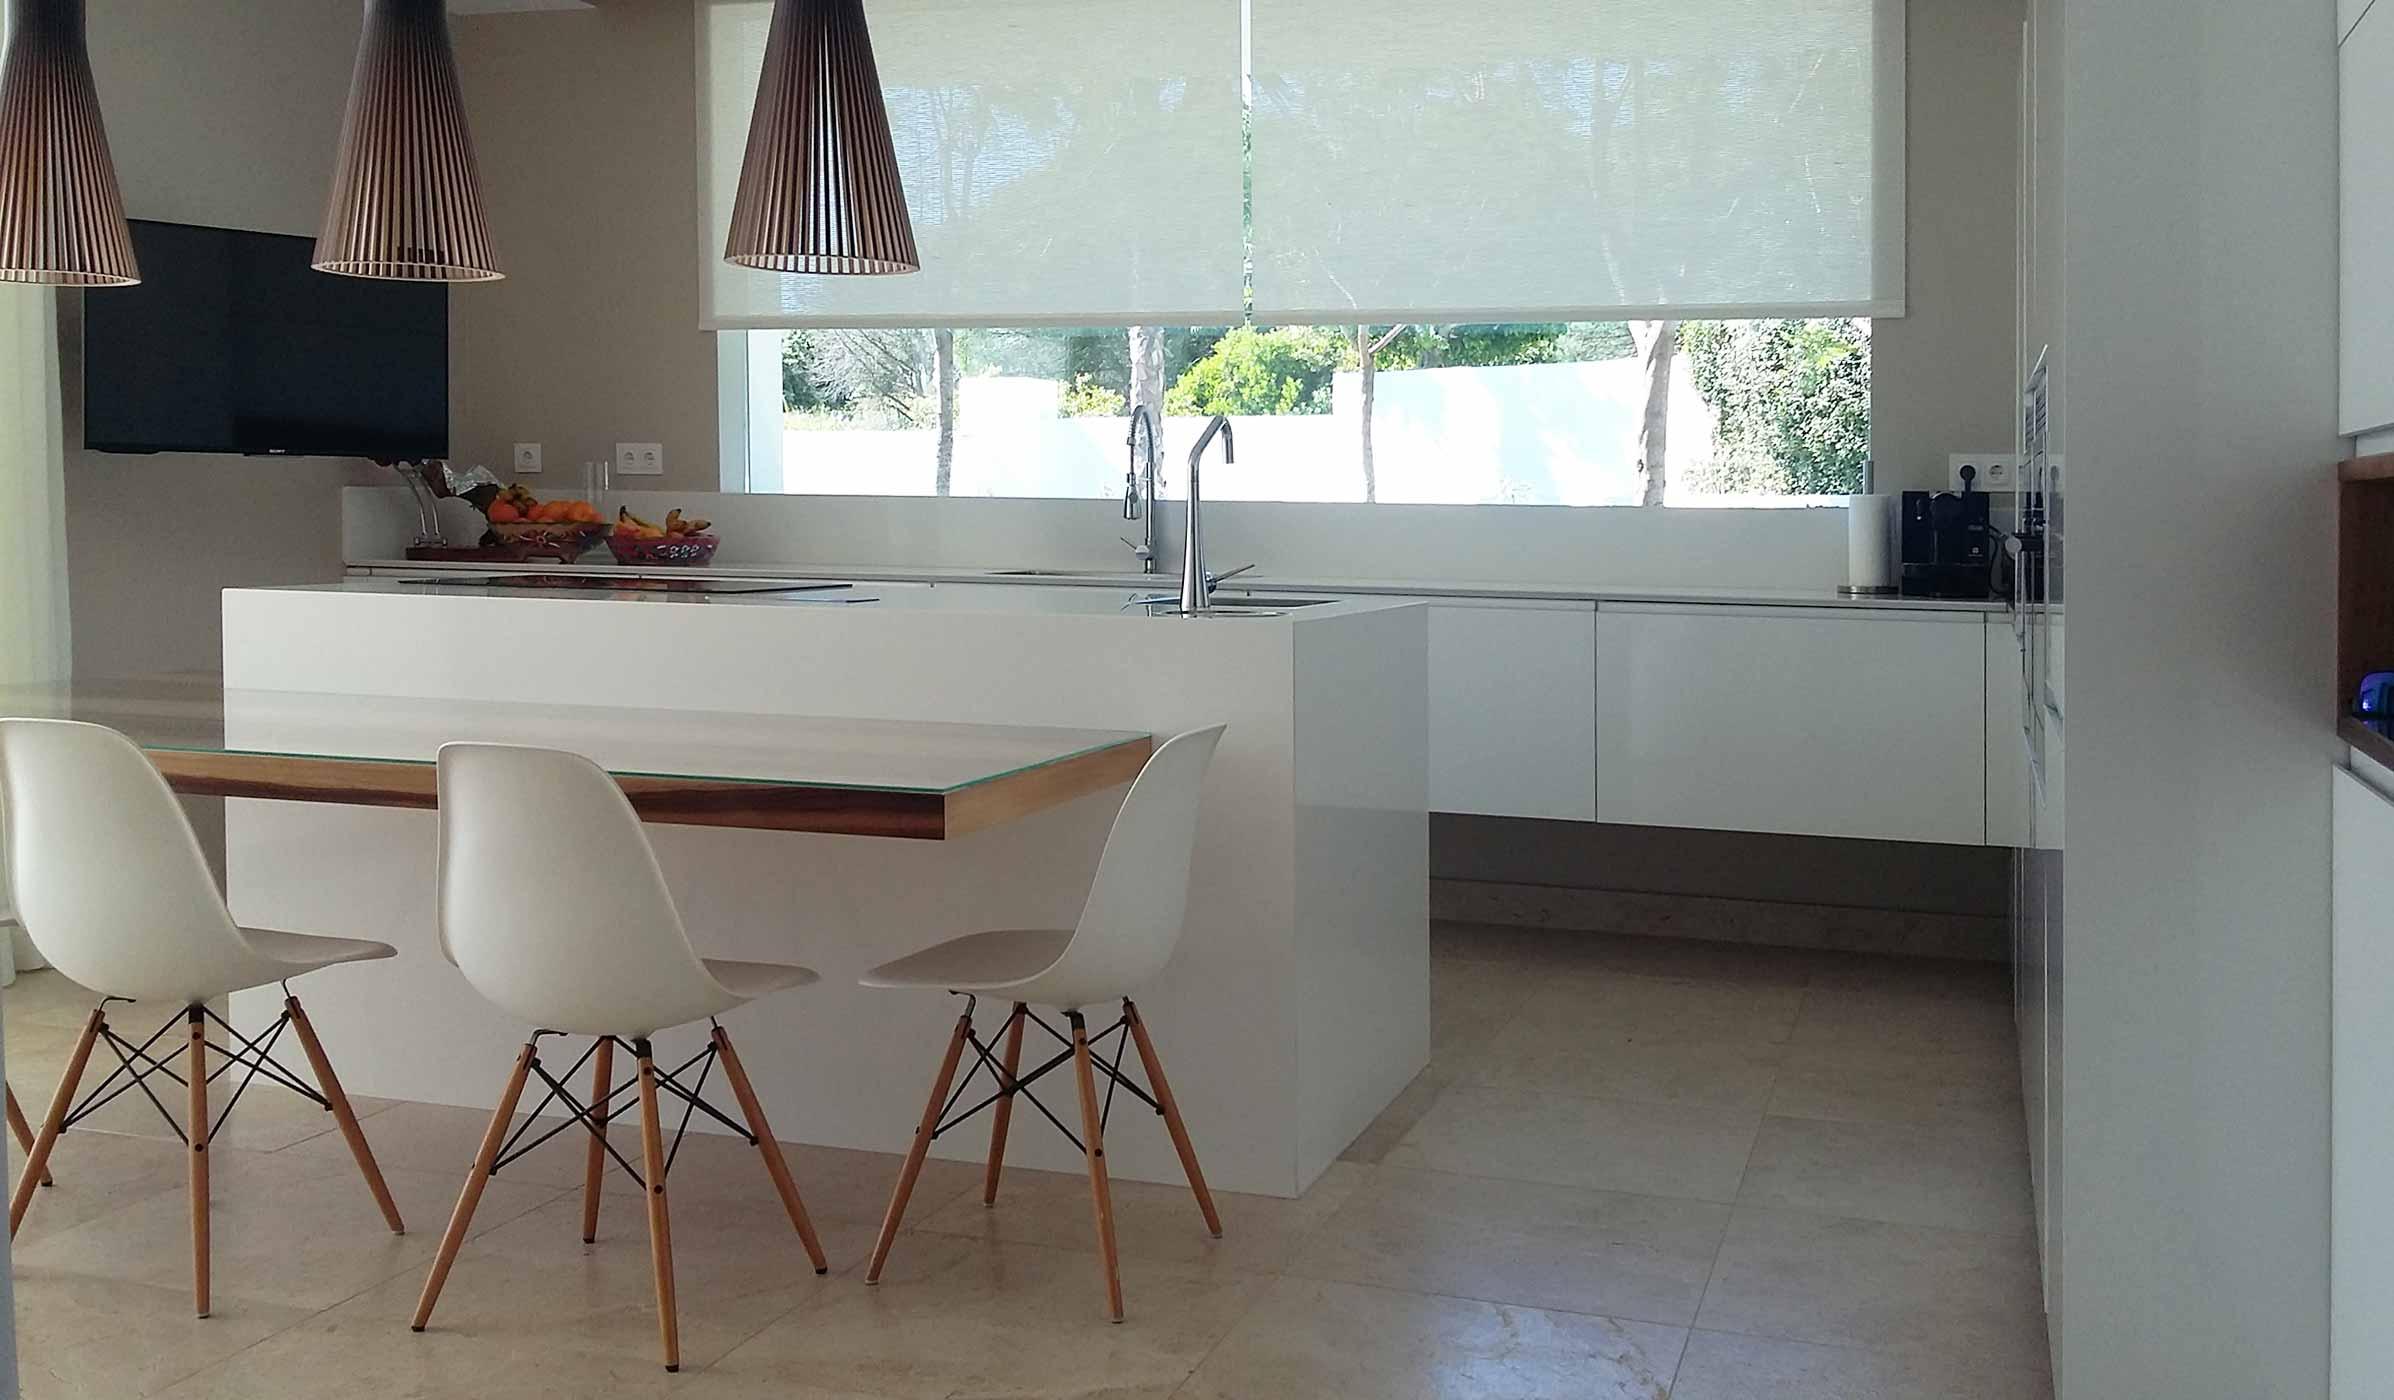 Vista general de cocina en color blanco brillo en forma de ele, con isla y mesado